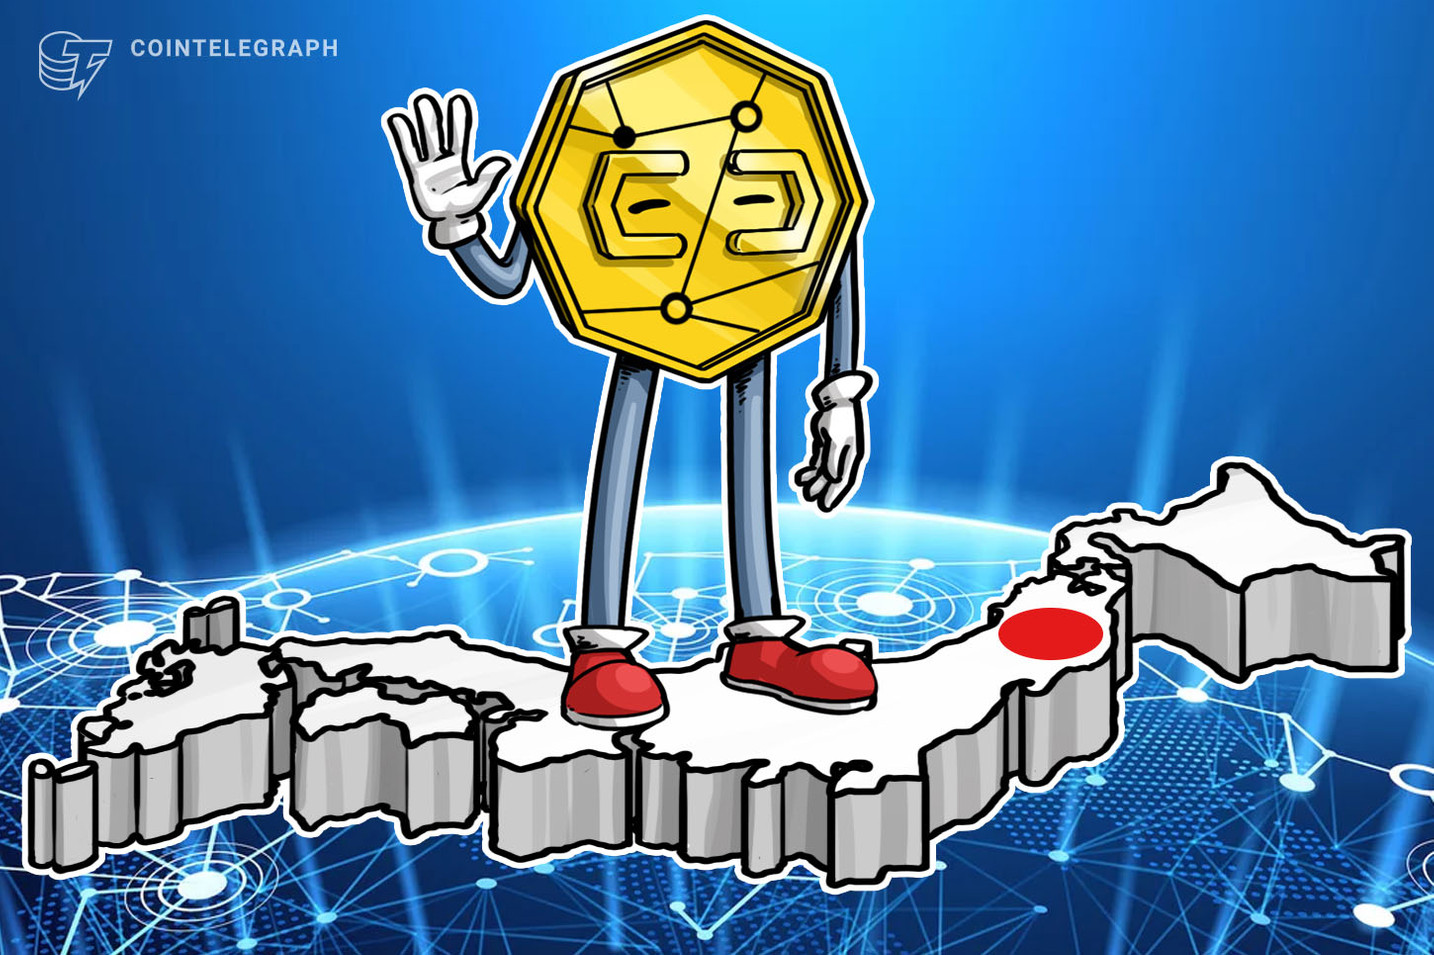 Japón: Exchanges de criptomonedas triplican el número de cuentas nuevas desde marzo